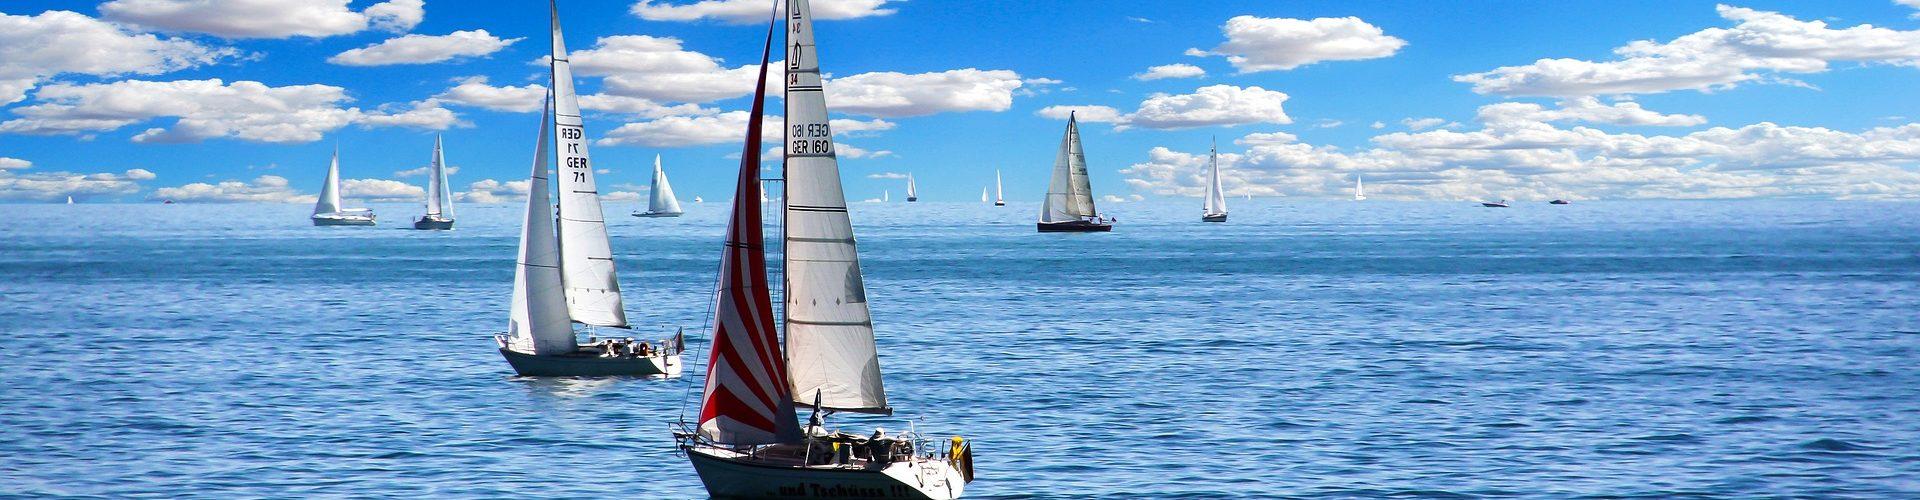 segeln lernen in Elmshorn segelschein machen in Elmshorn 1920x500 - Segeln lernen in Elmshorn